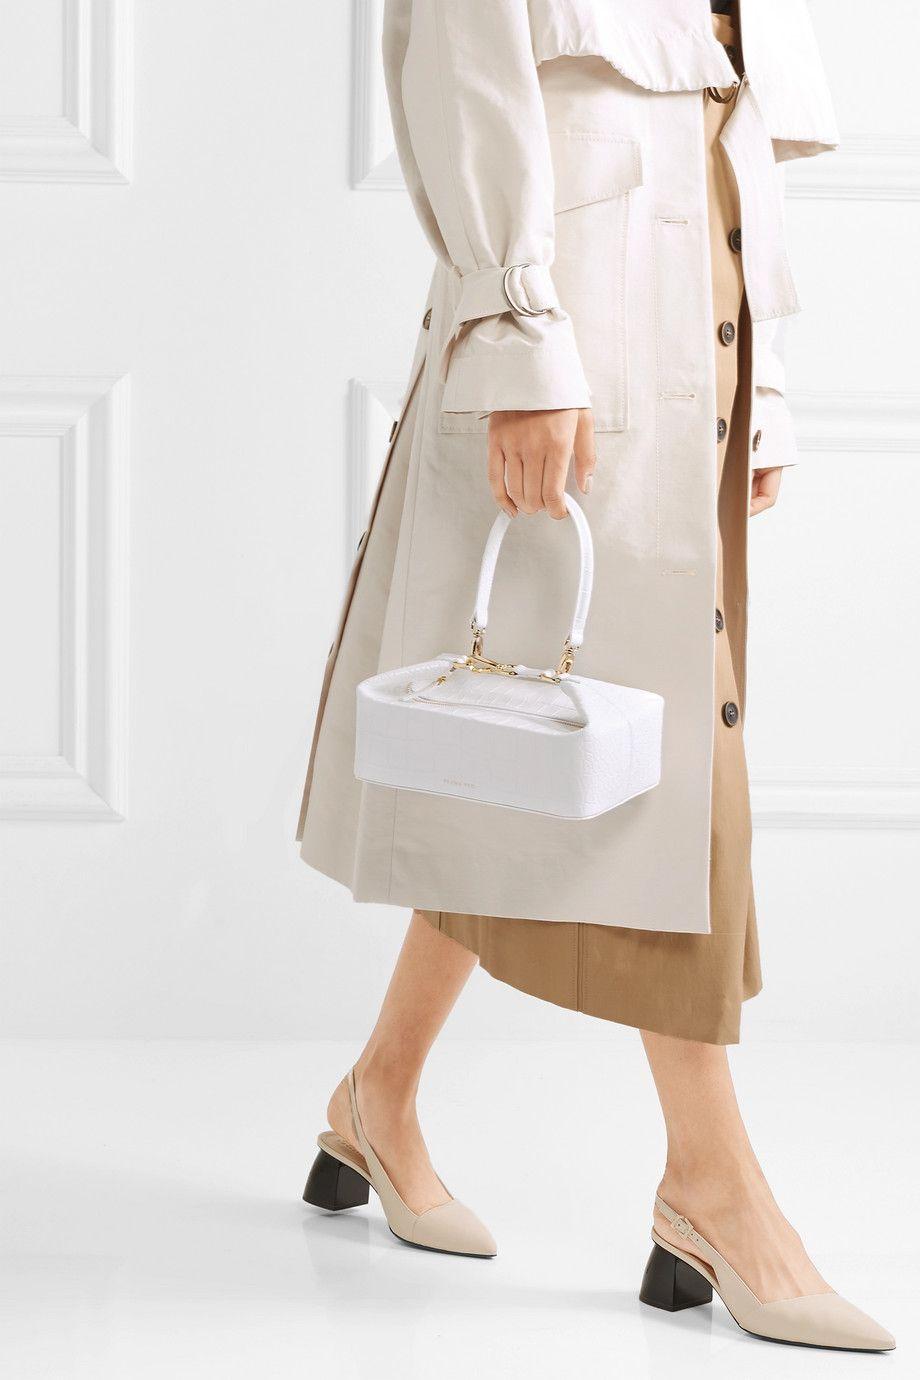 borse bianche inverno, moda borse bianche 2019